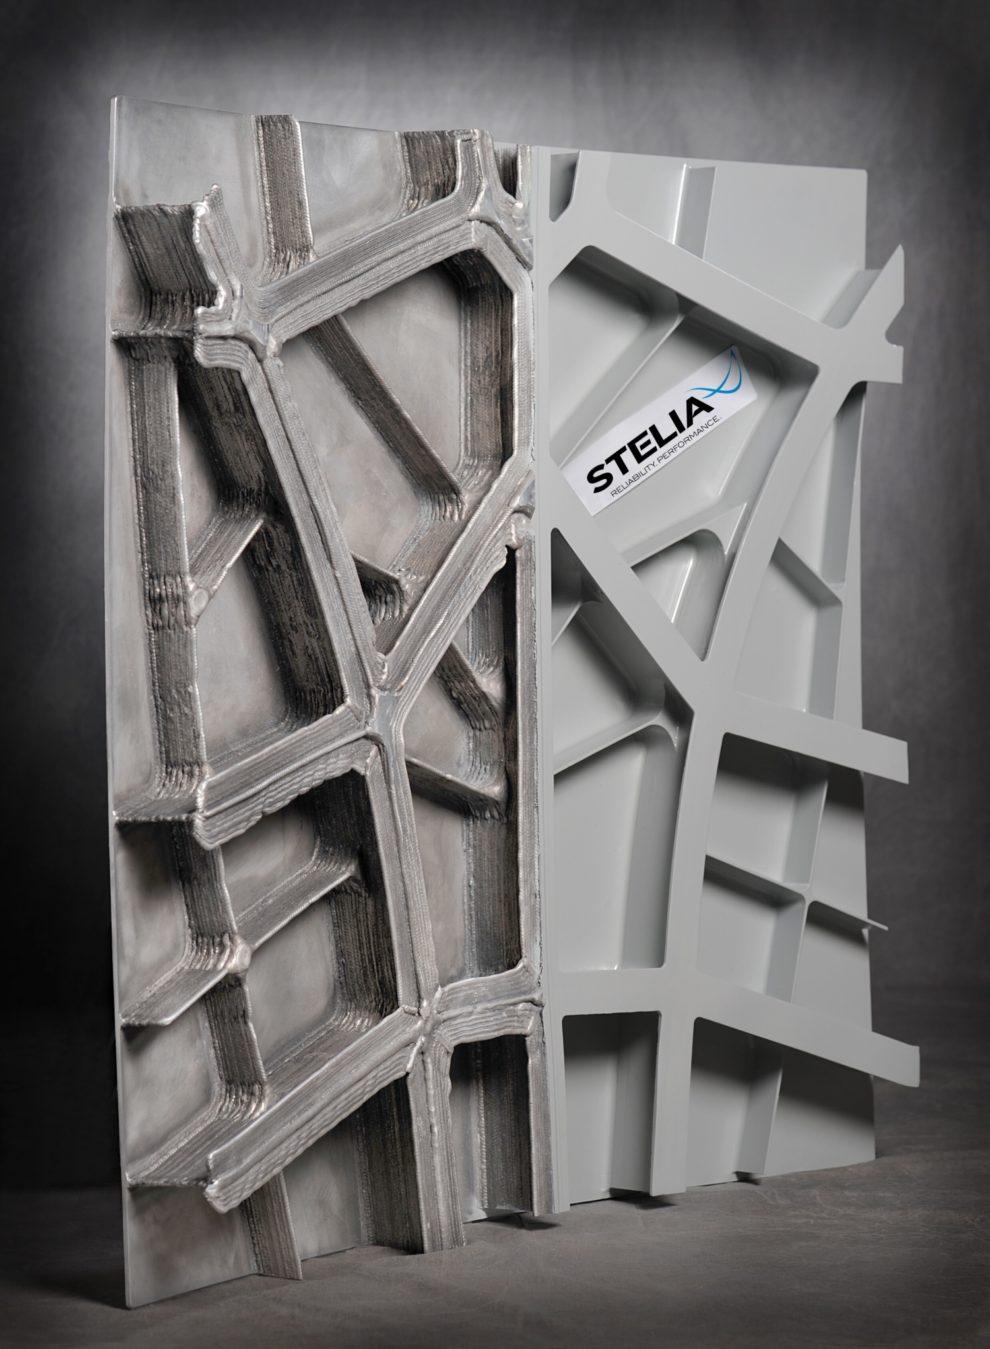 Panel desarrollado por Stelia. A la izquierda el realizado por impresion 3D y a la derecha el modelo producido por medios tradicionales.